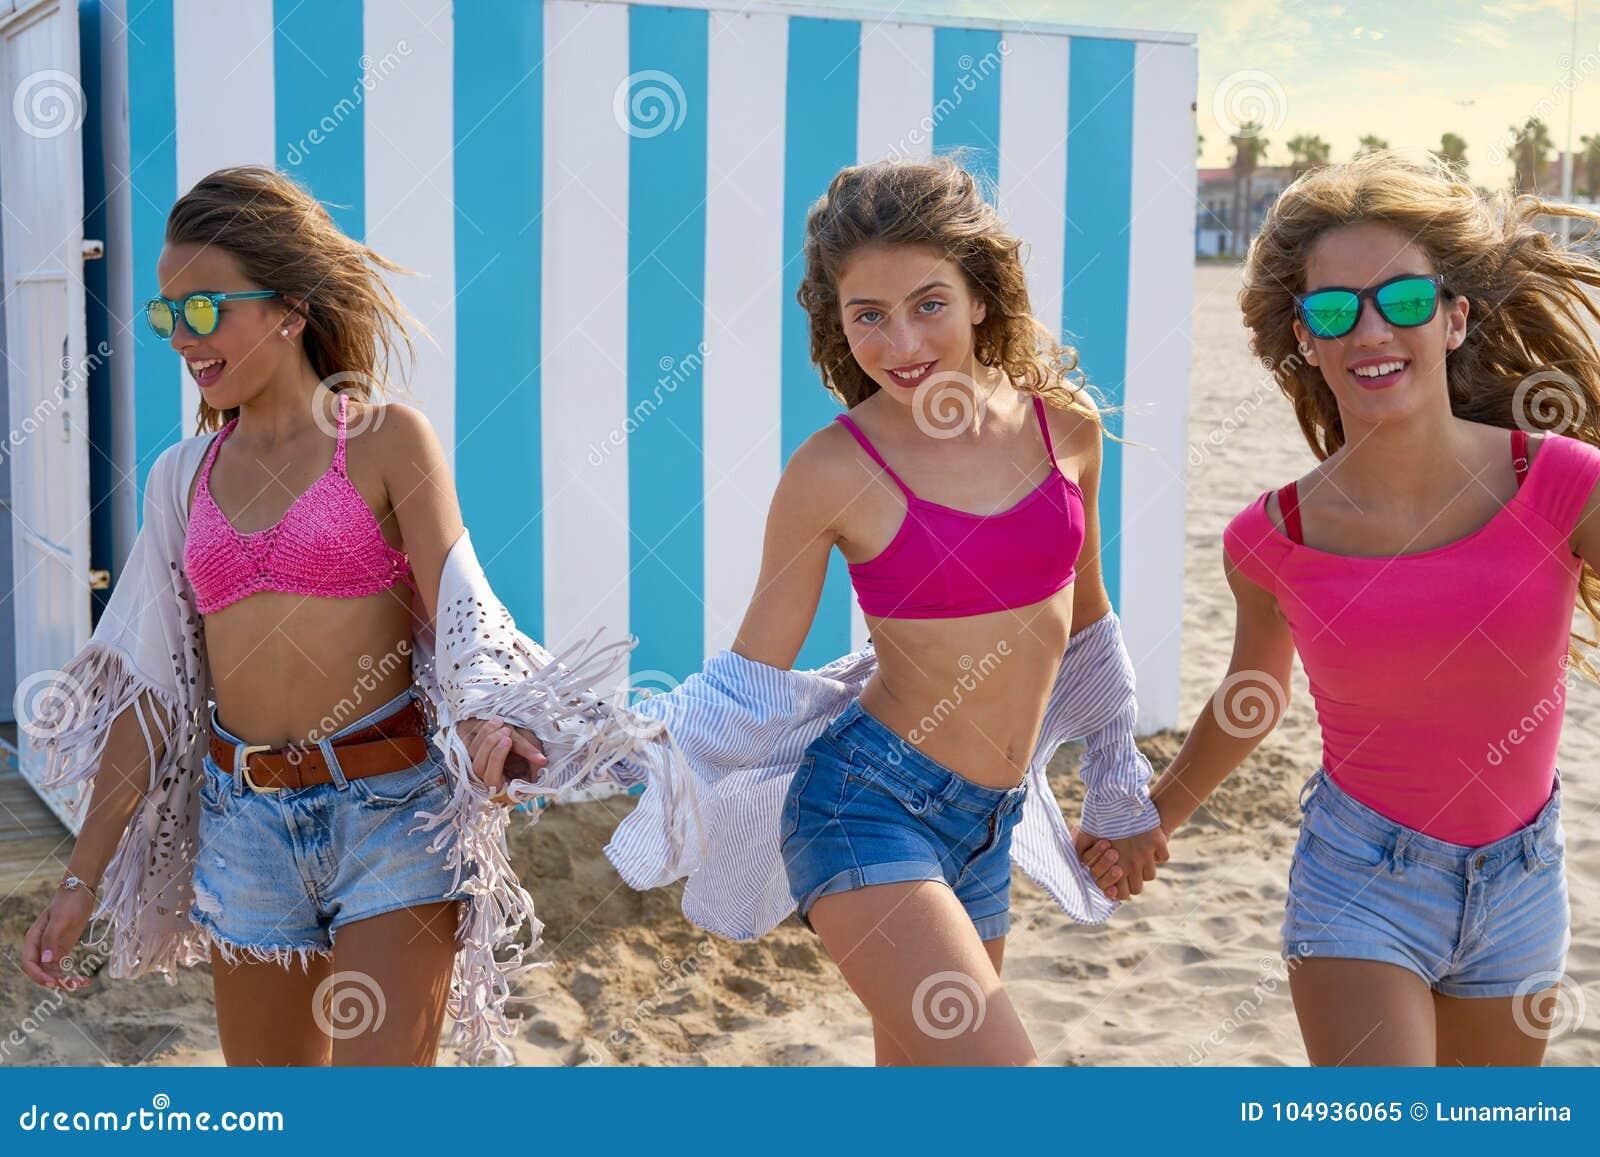 Teen girls at beach